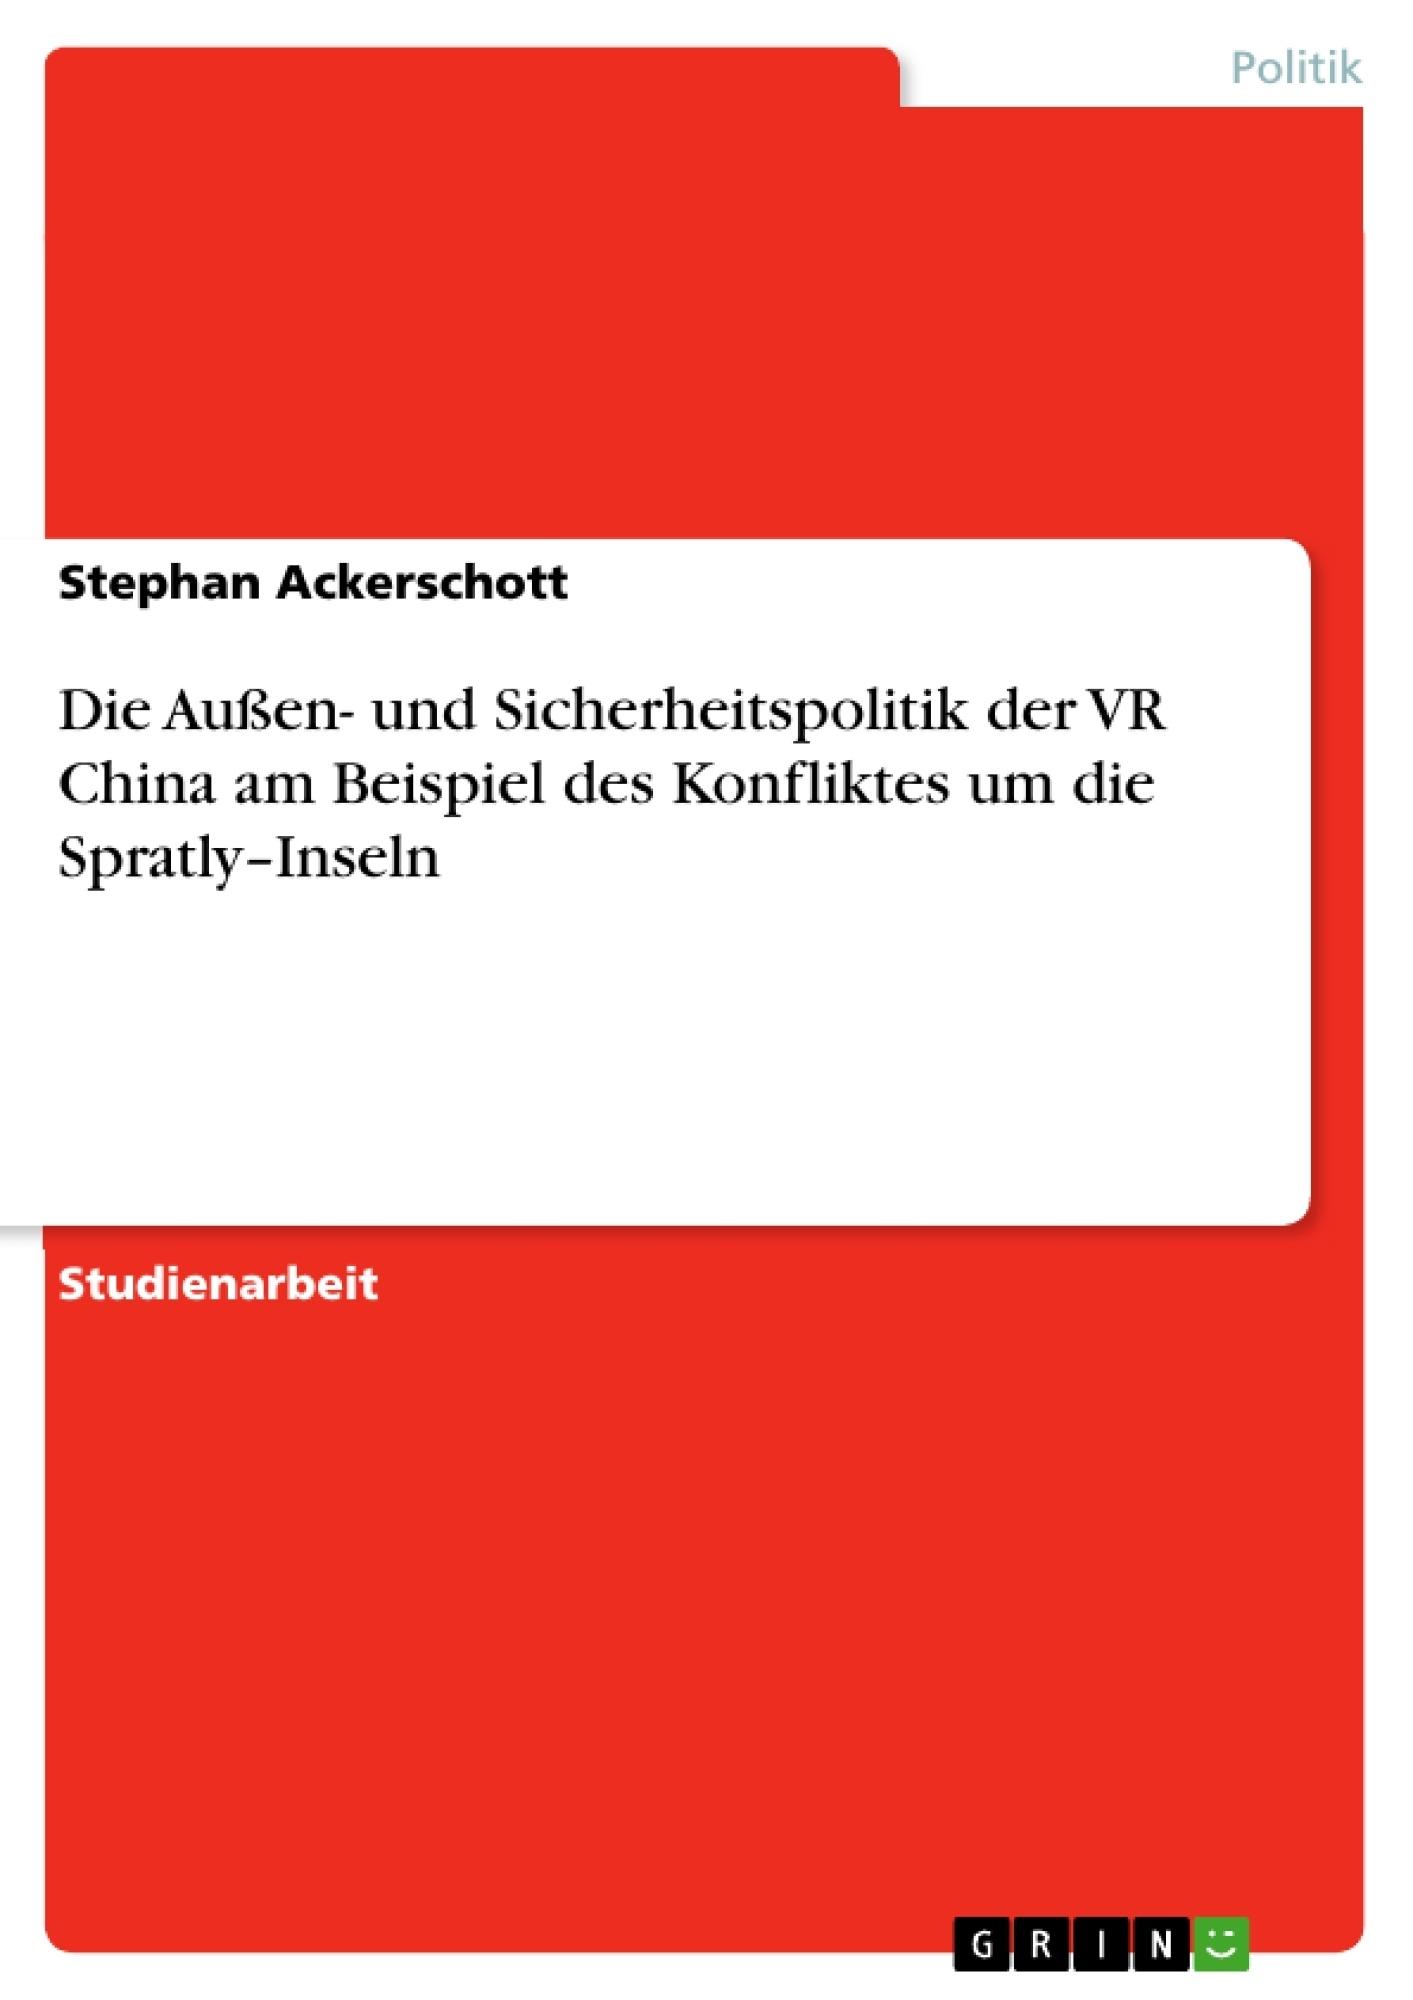 Titel: Die Außen- und Sicherheitspolitik der VR China am Beispiel des Konfliktes um die Spratly–Inseln